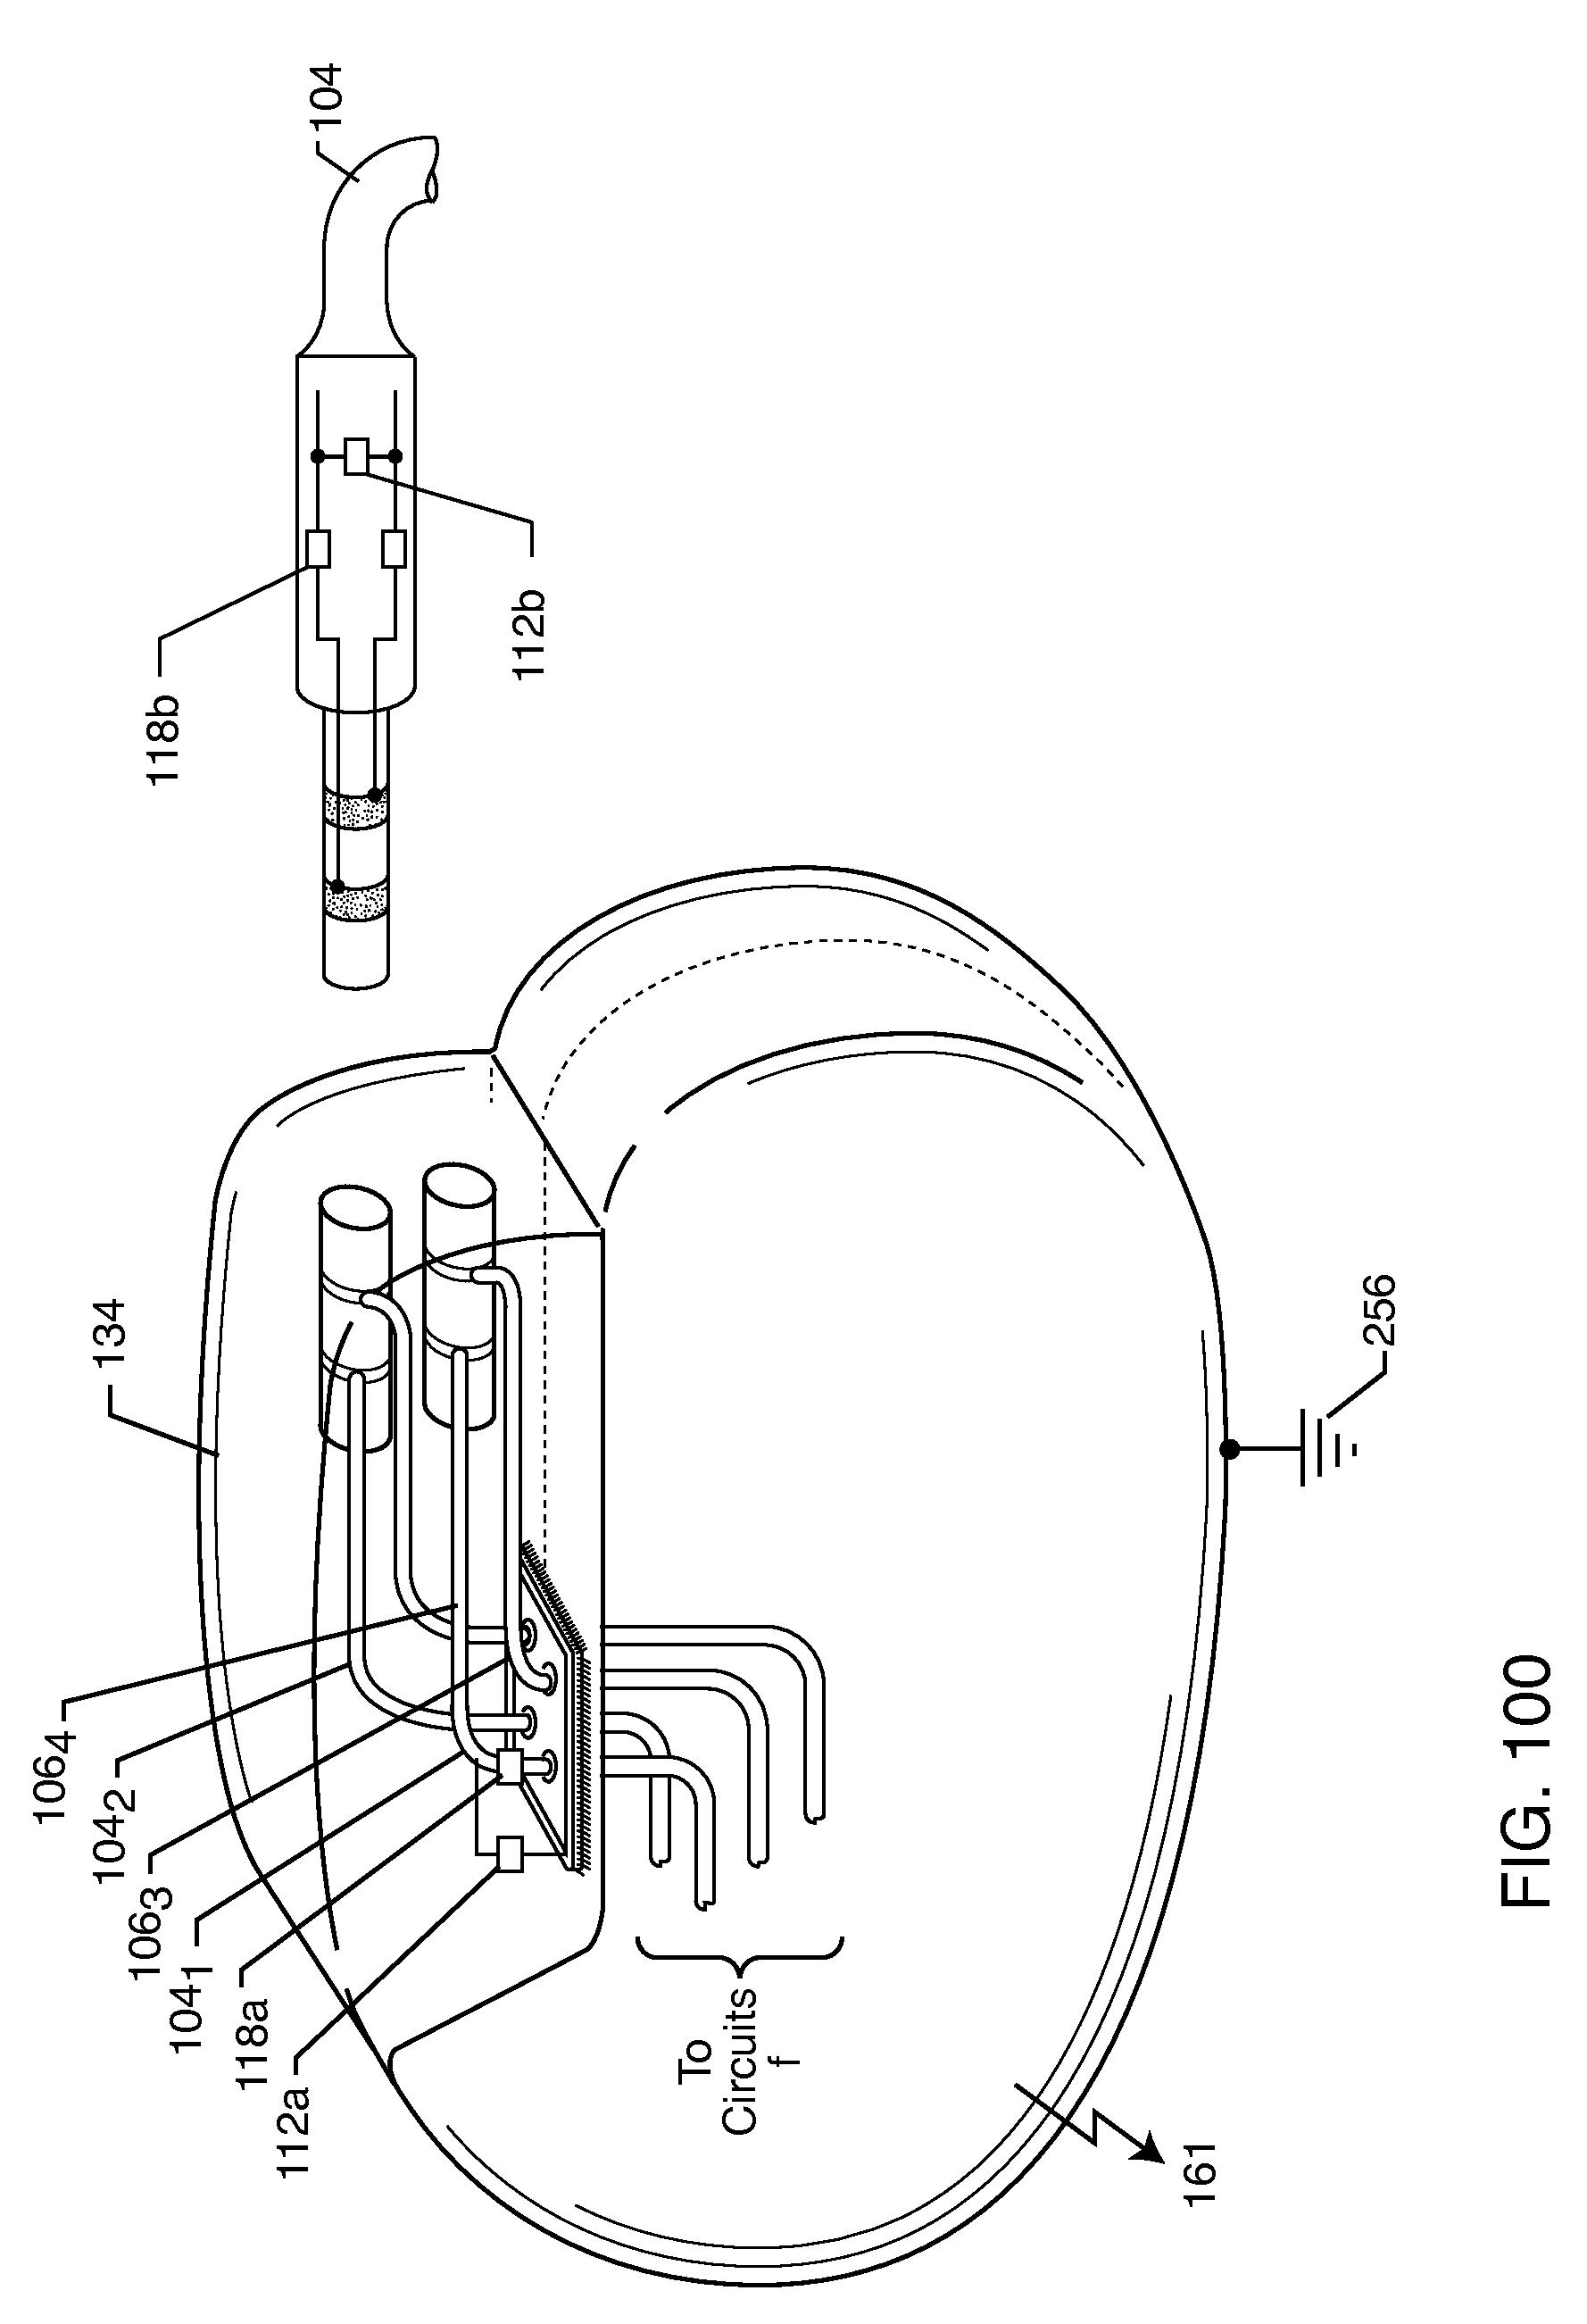 brevet us20100160997